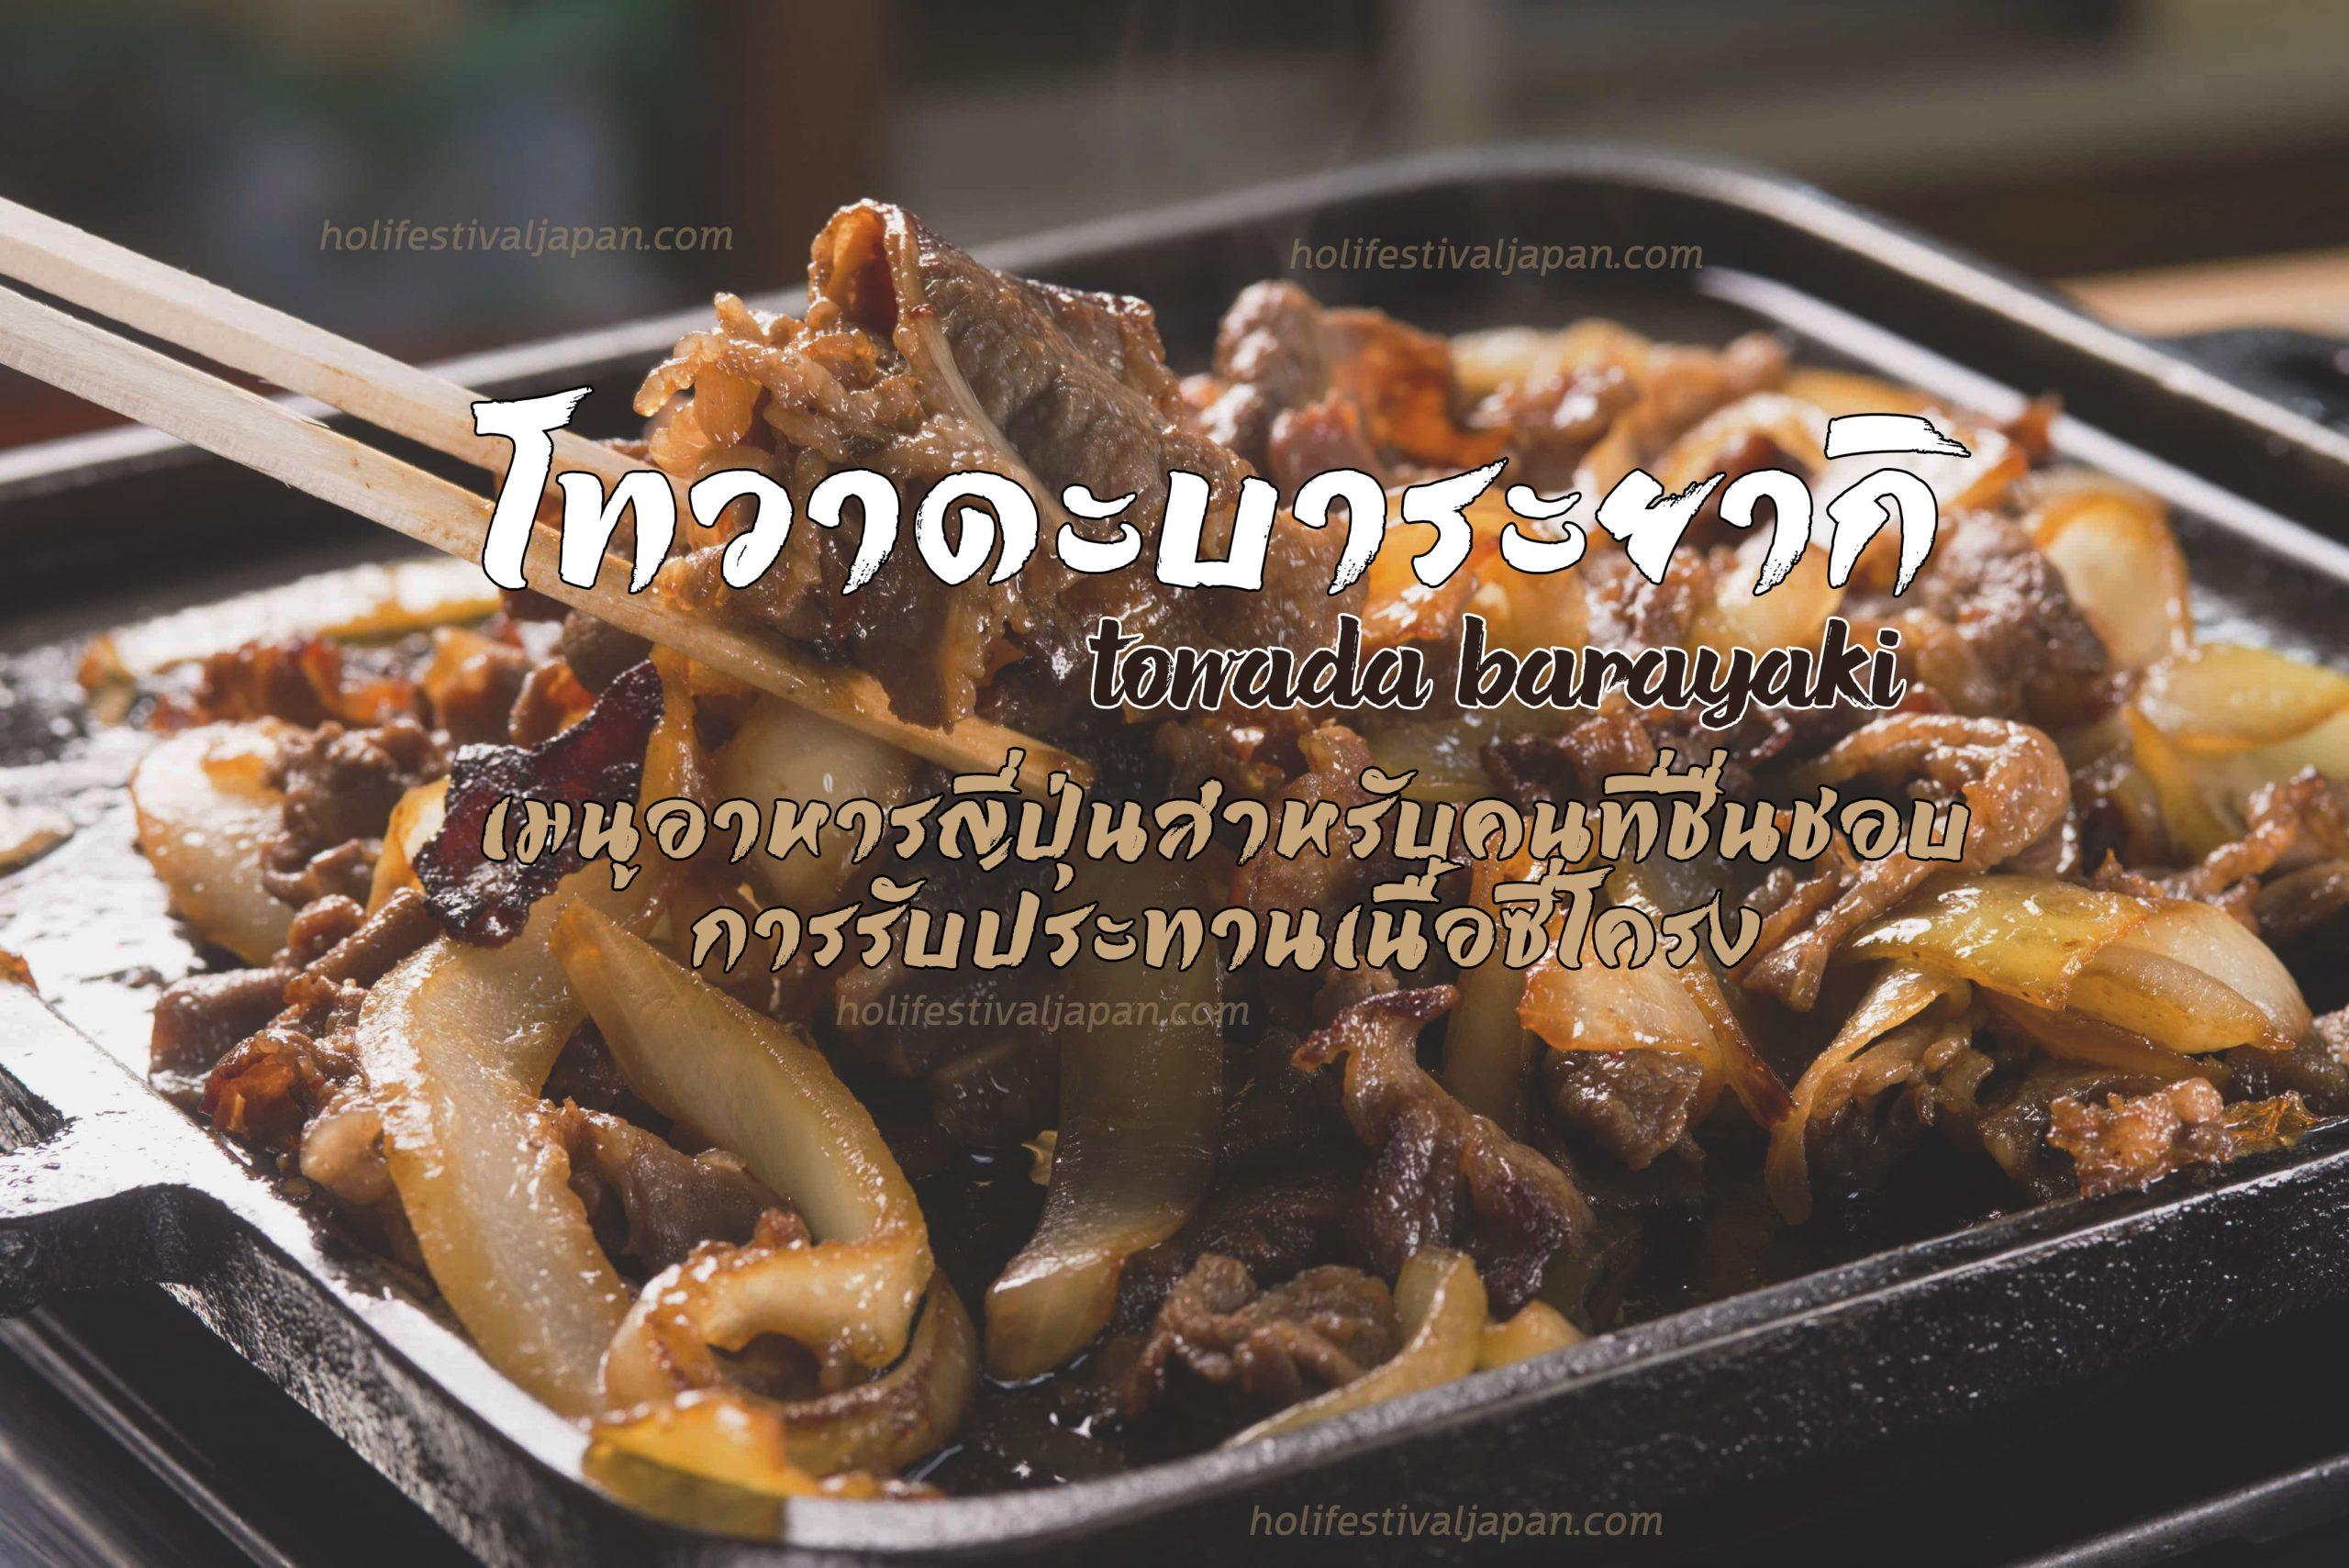 โทวาดะบาระยากิ เมนูอาหารญี่ปุ่นสำหรับคนที่ชื่นชอบการรับประทานเนื้อซี่โครง